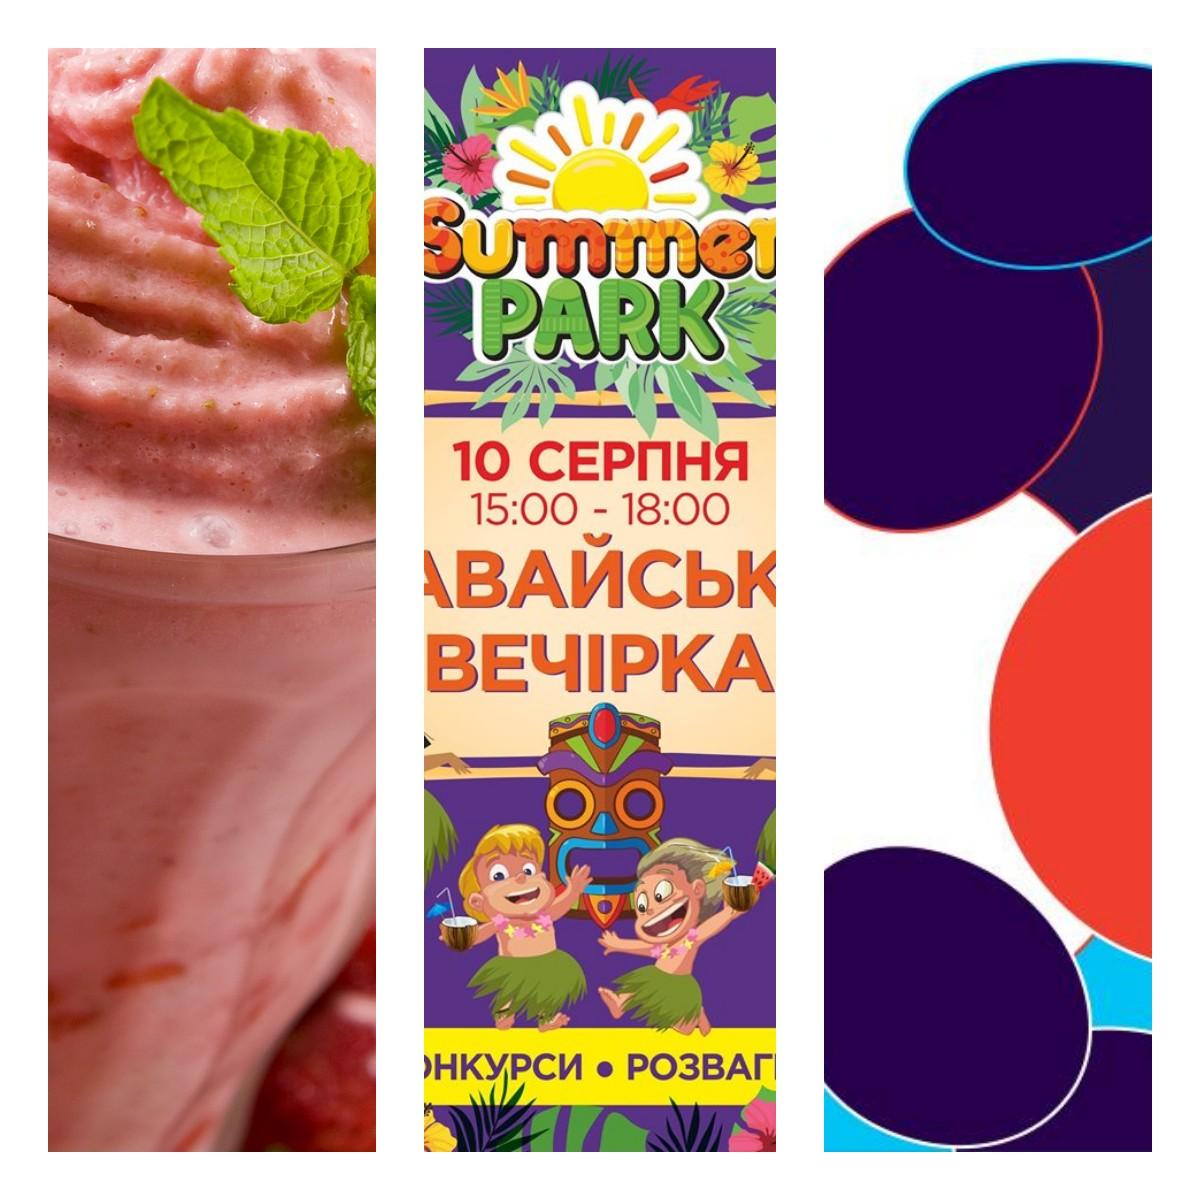 Афиша на выходные: Куда пойти в Киеве 10-11 августа 2019